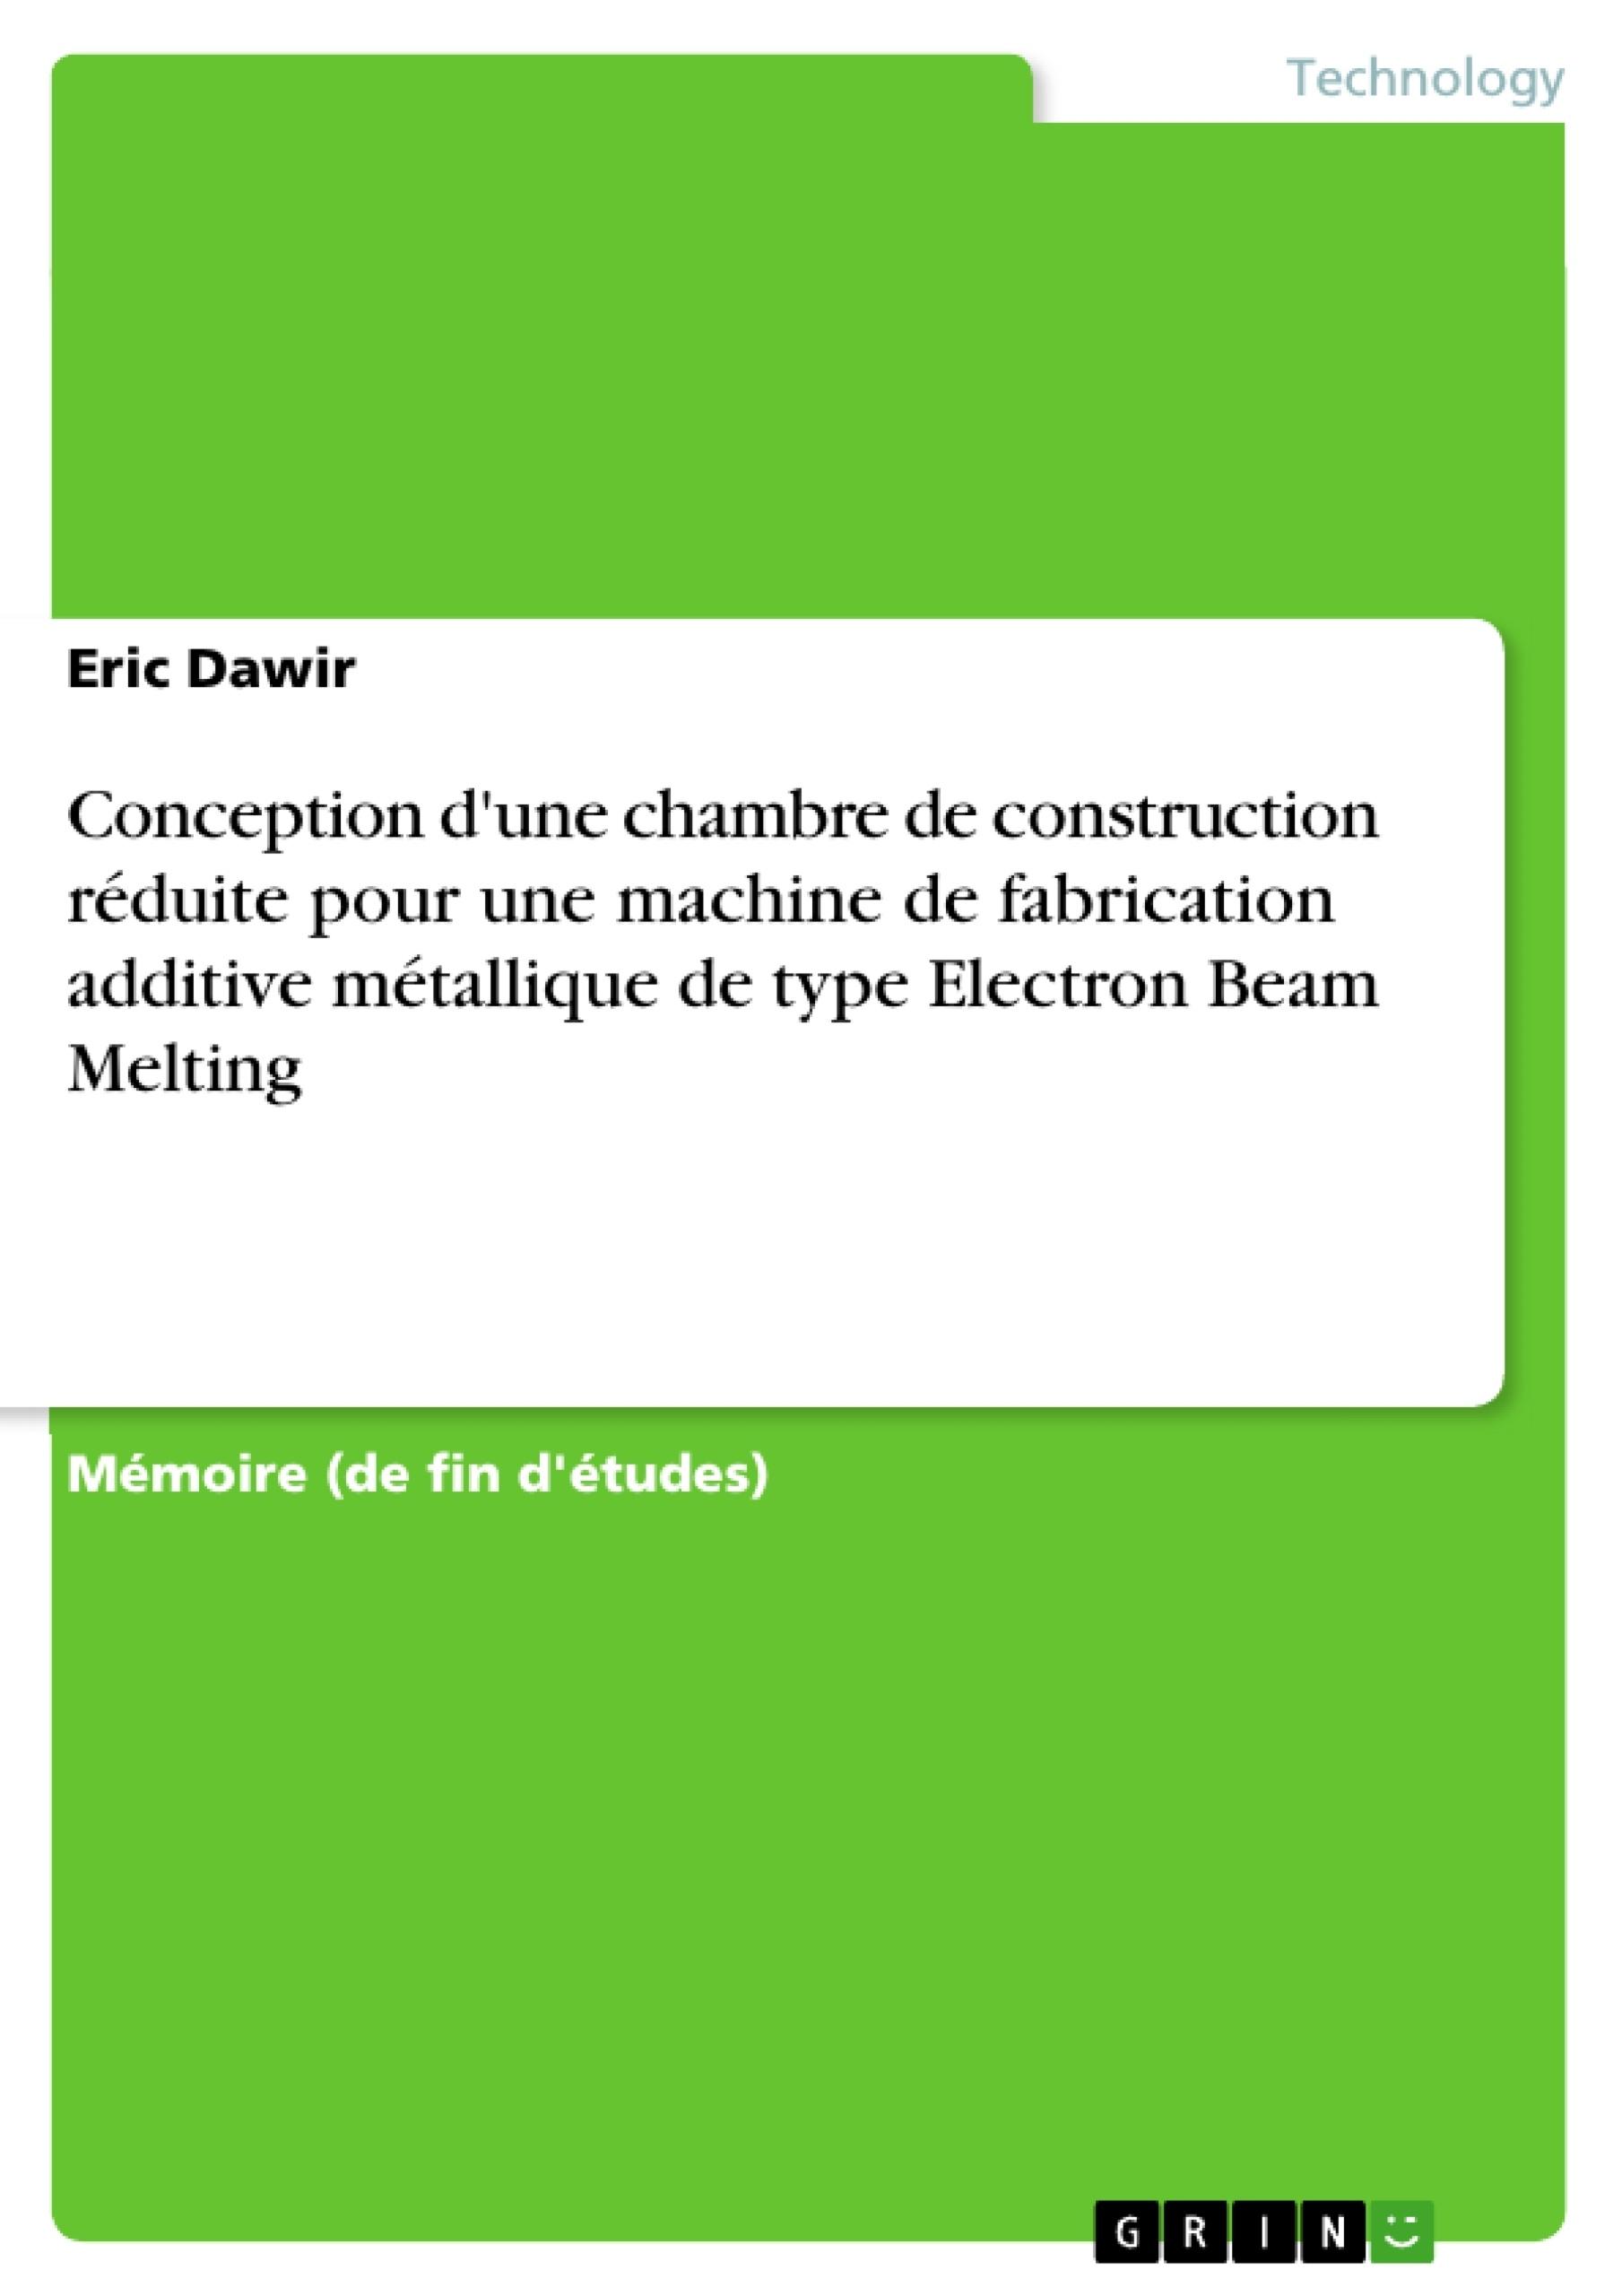 Titre: Conception d'une chambre de construction réduite pour une machine de fabrication additive métallique de type Electron Beam Melting